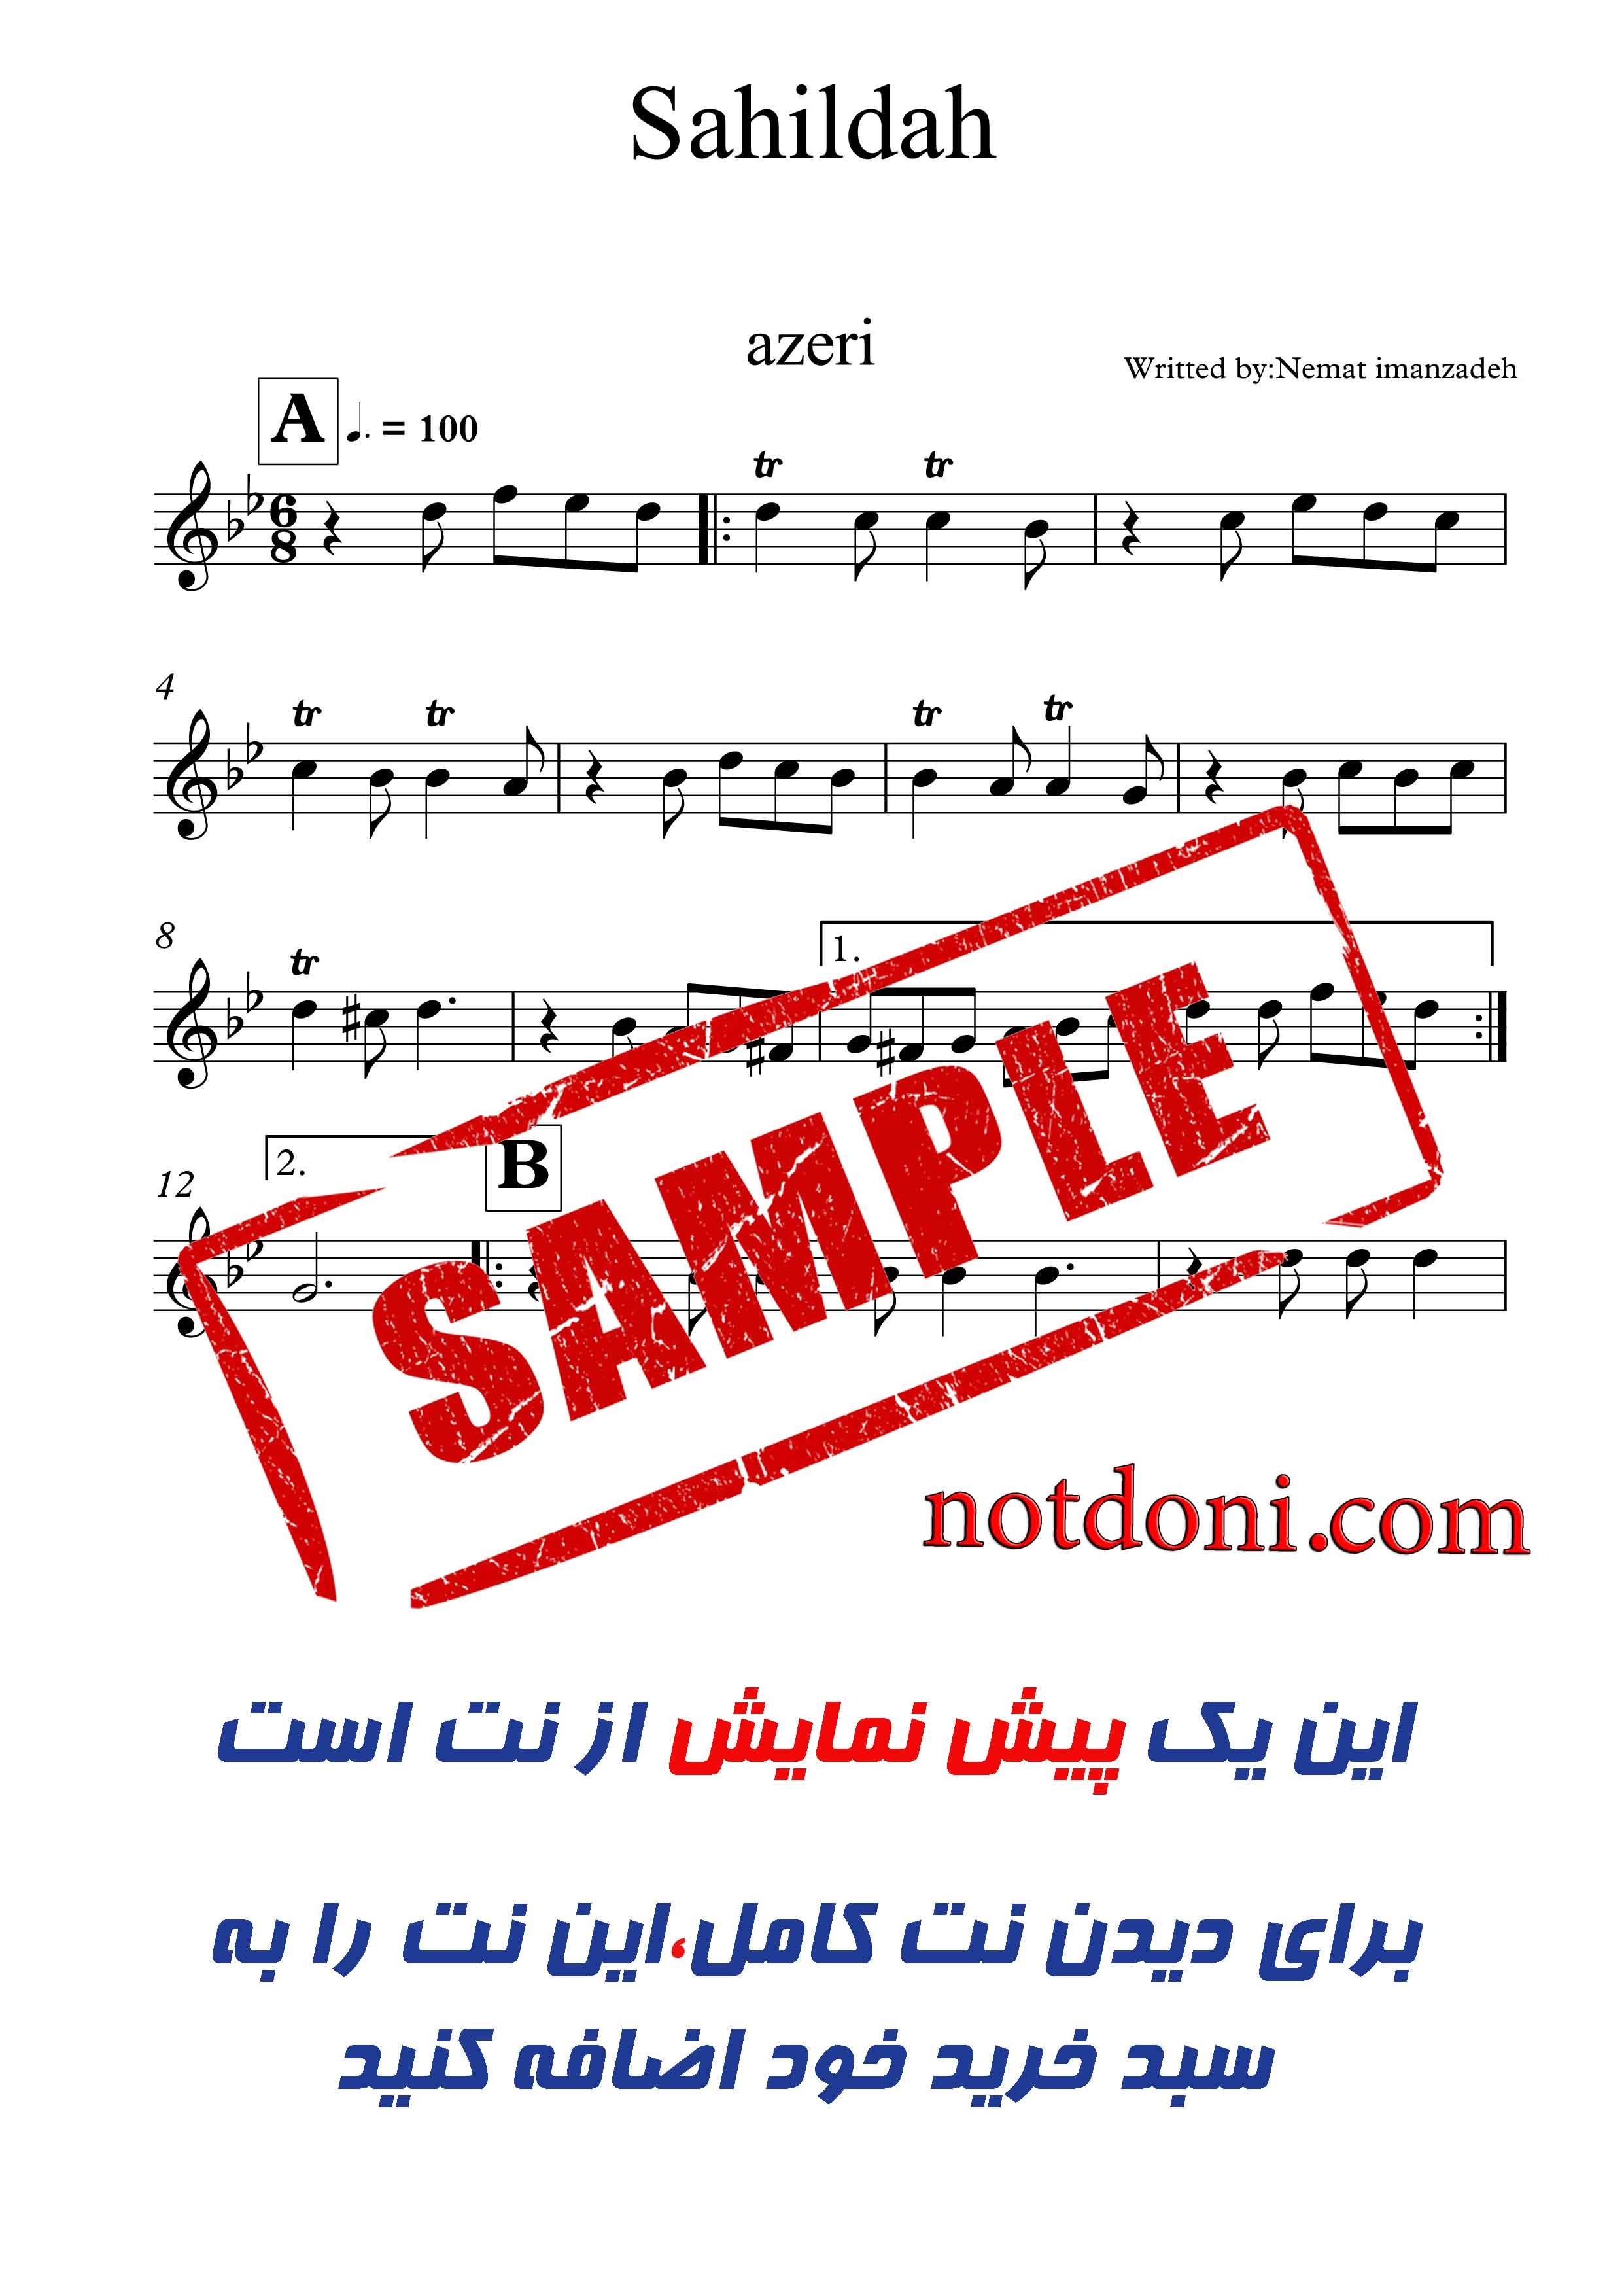 1753ad36-fc42-4e72-a4c3-a79bcbb45c45_نت-آهنگ.jpg